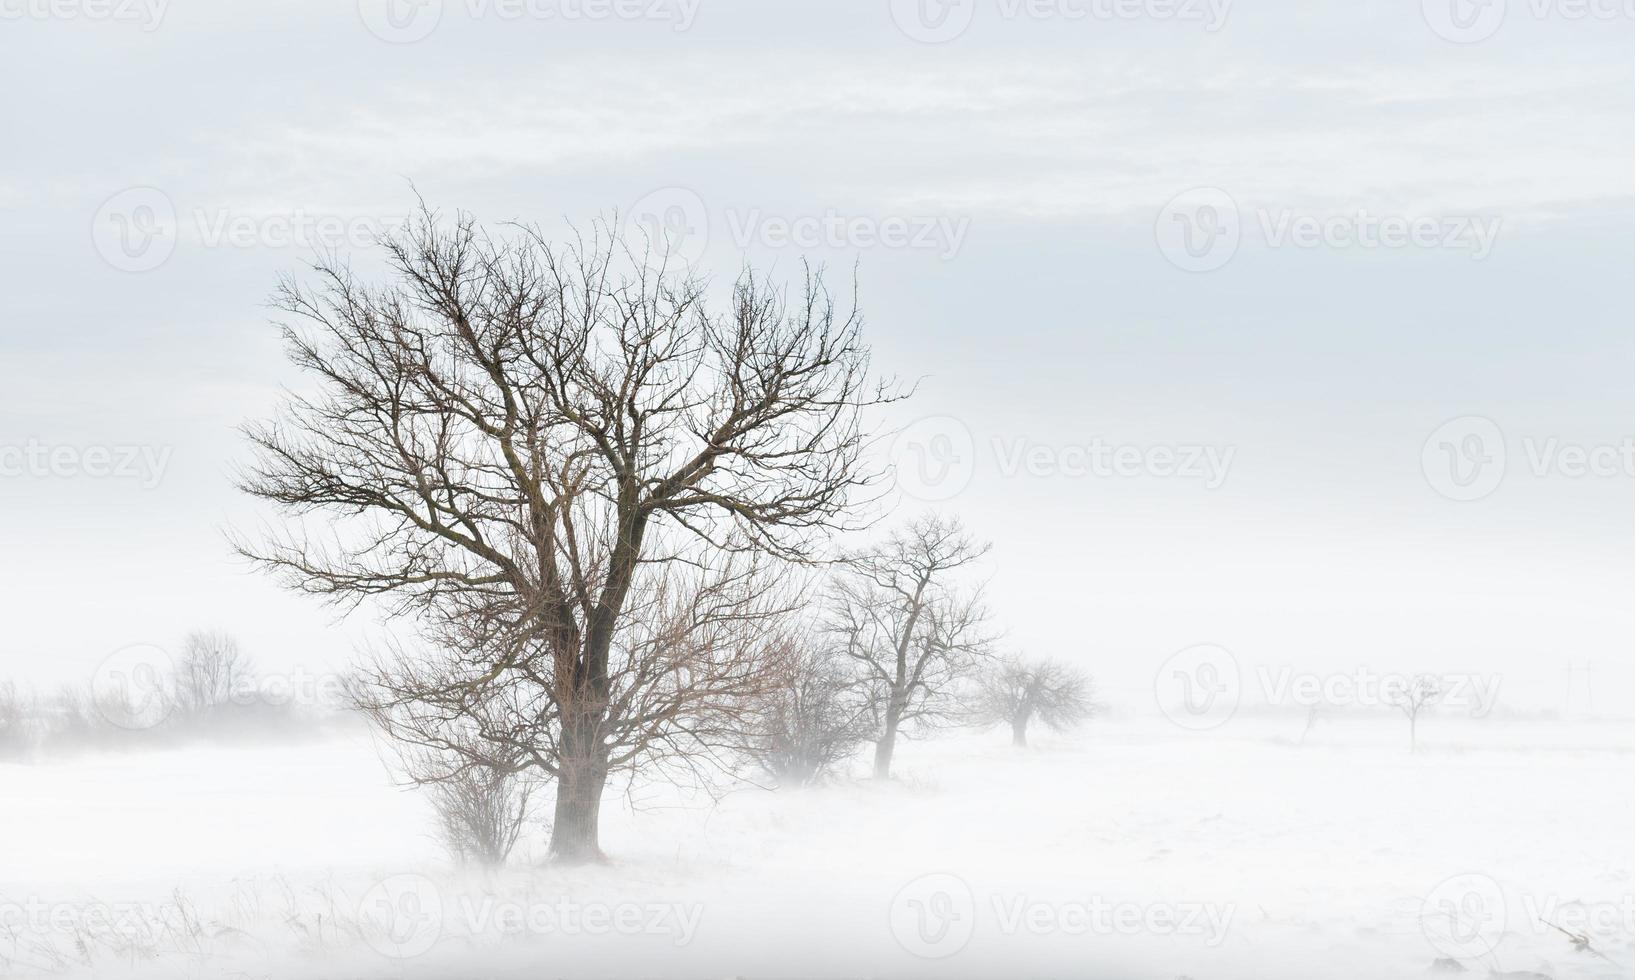 winter blizzard photo